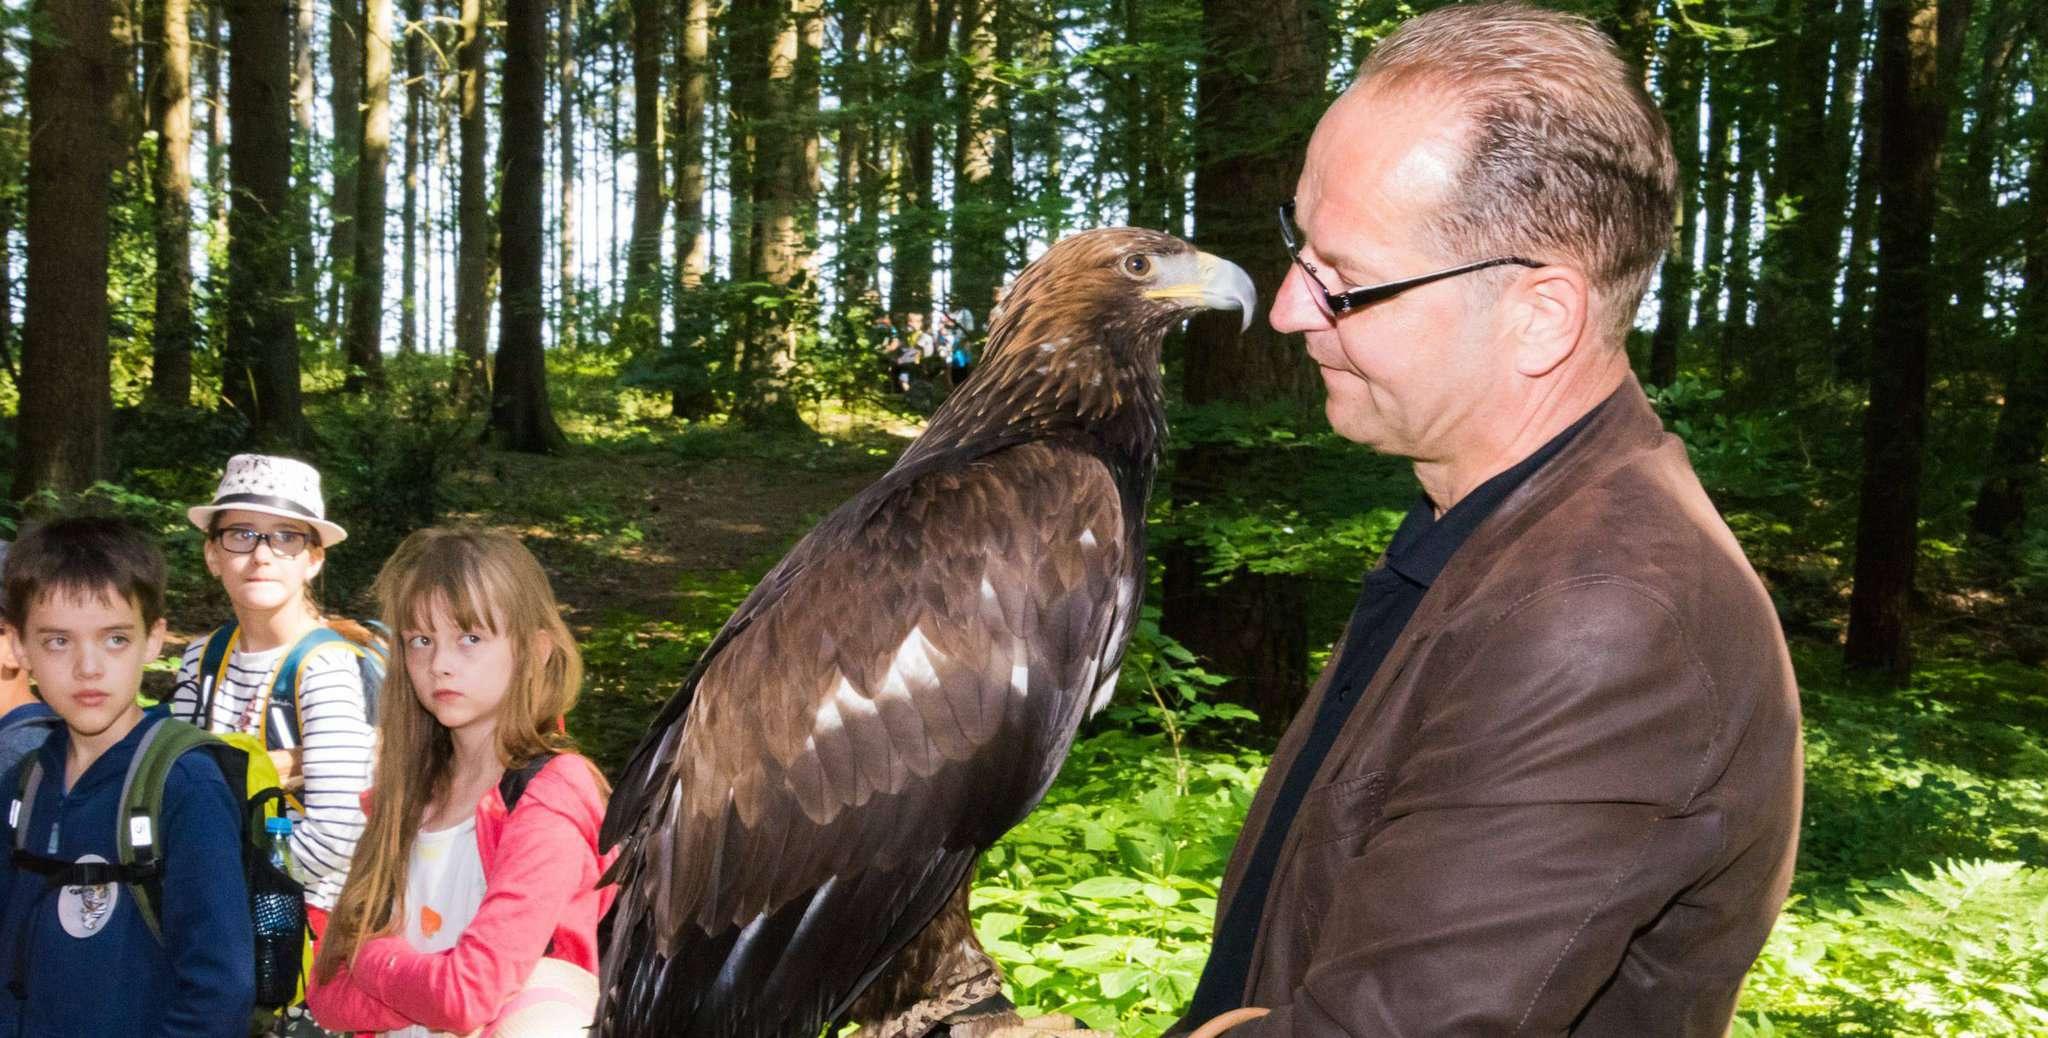 Robert Peters erzählte Wissenswertes über den Steinadler. Foto: Klaus-Dieter Plage